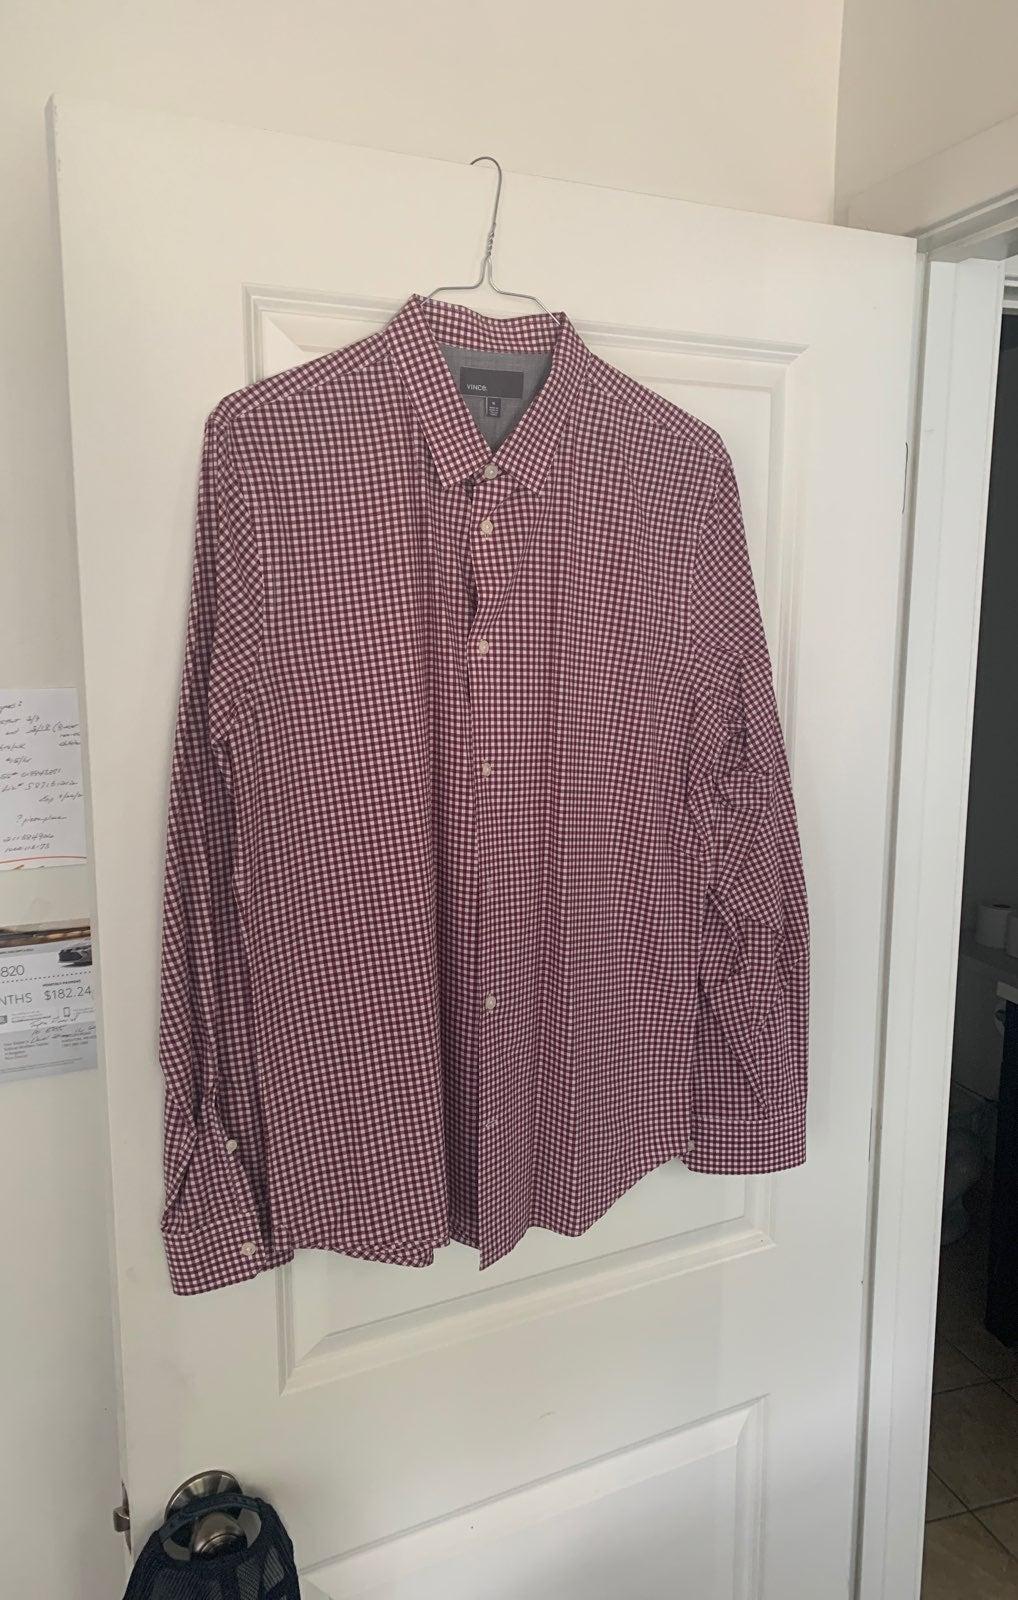 Vince Men's XL button up dress shirt Mar